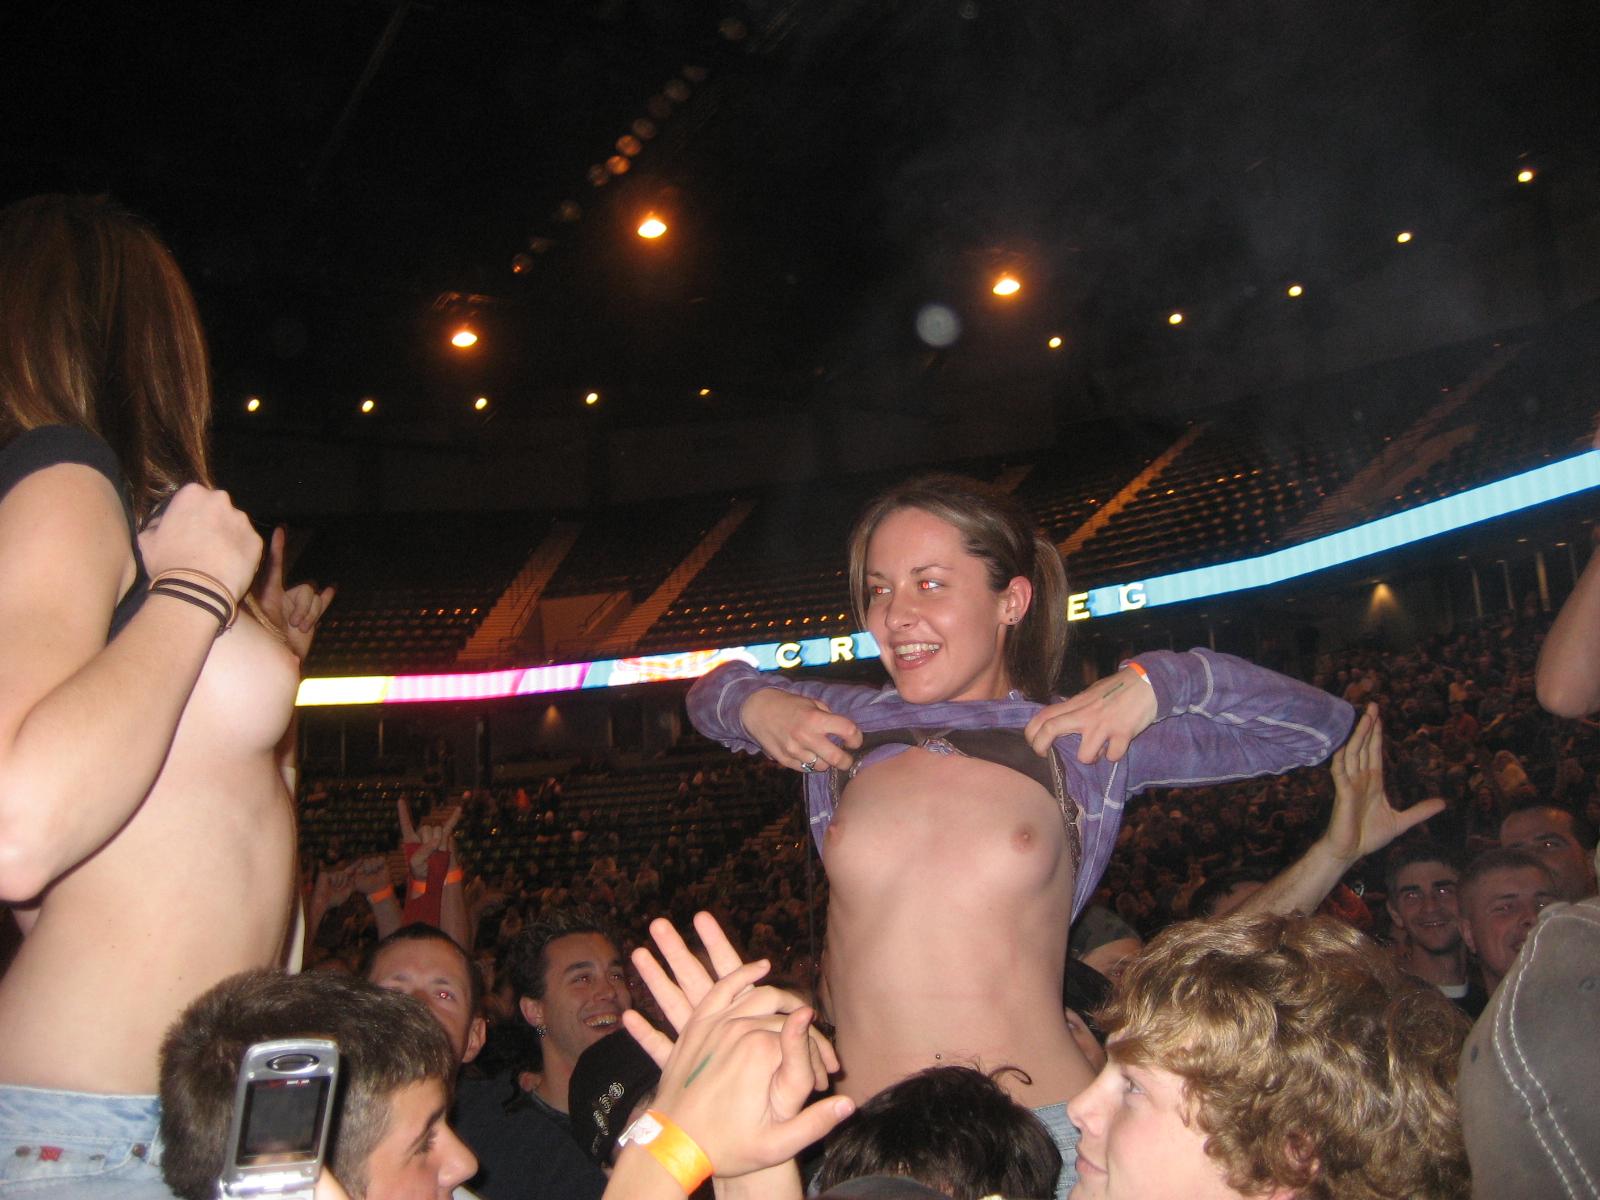 Concert Flashing Boob 90